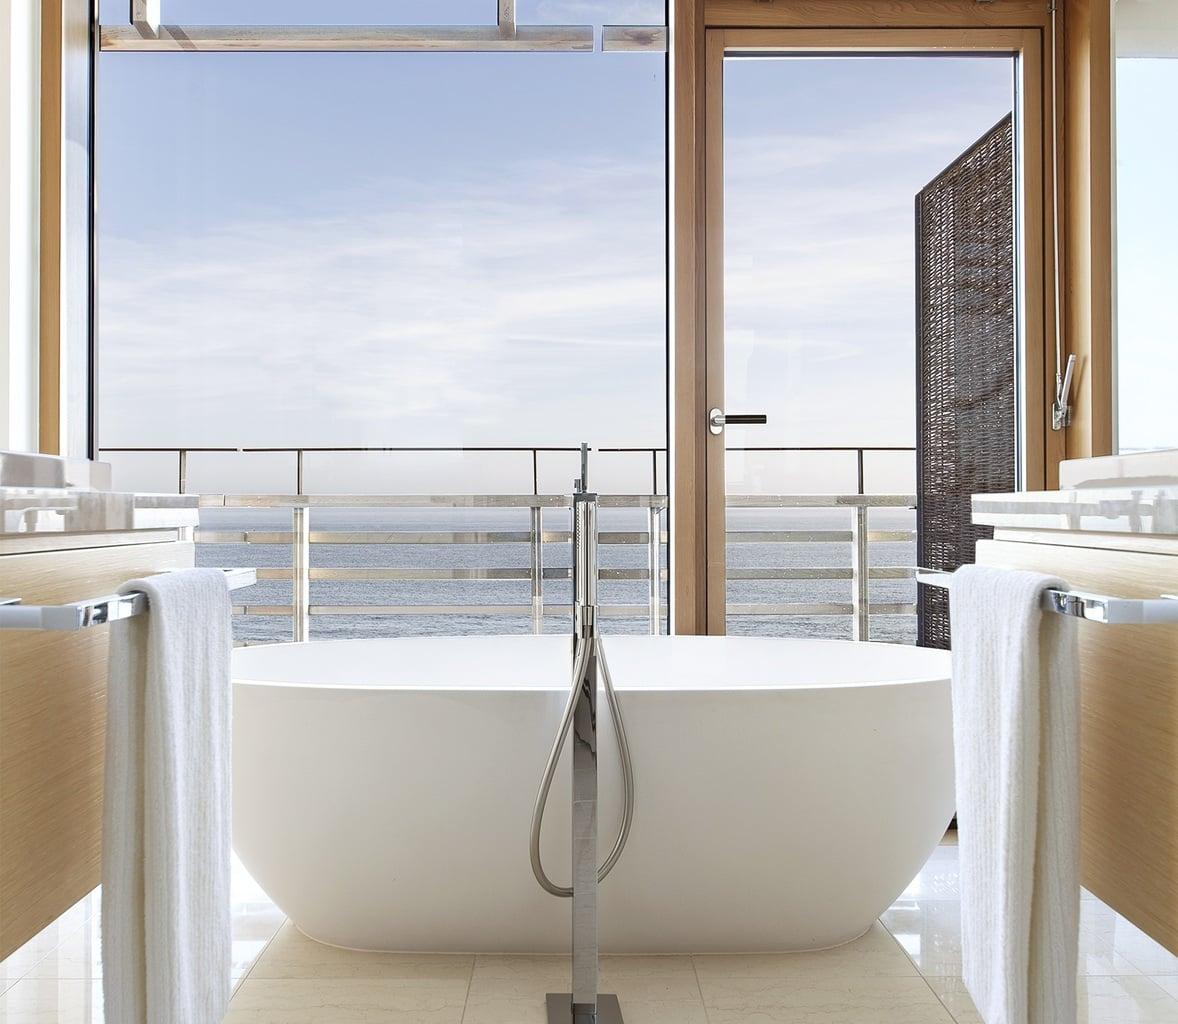 vrij staande badkuip het zeezicht in Hotel Budersand op Sylt in Duitsland